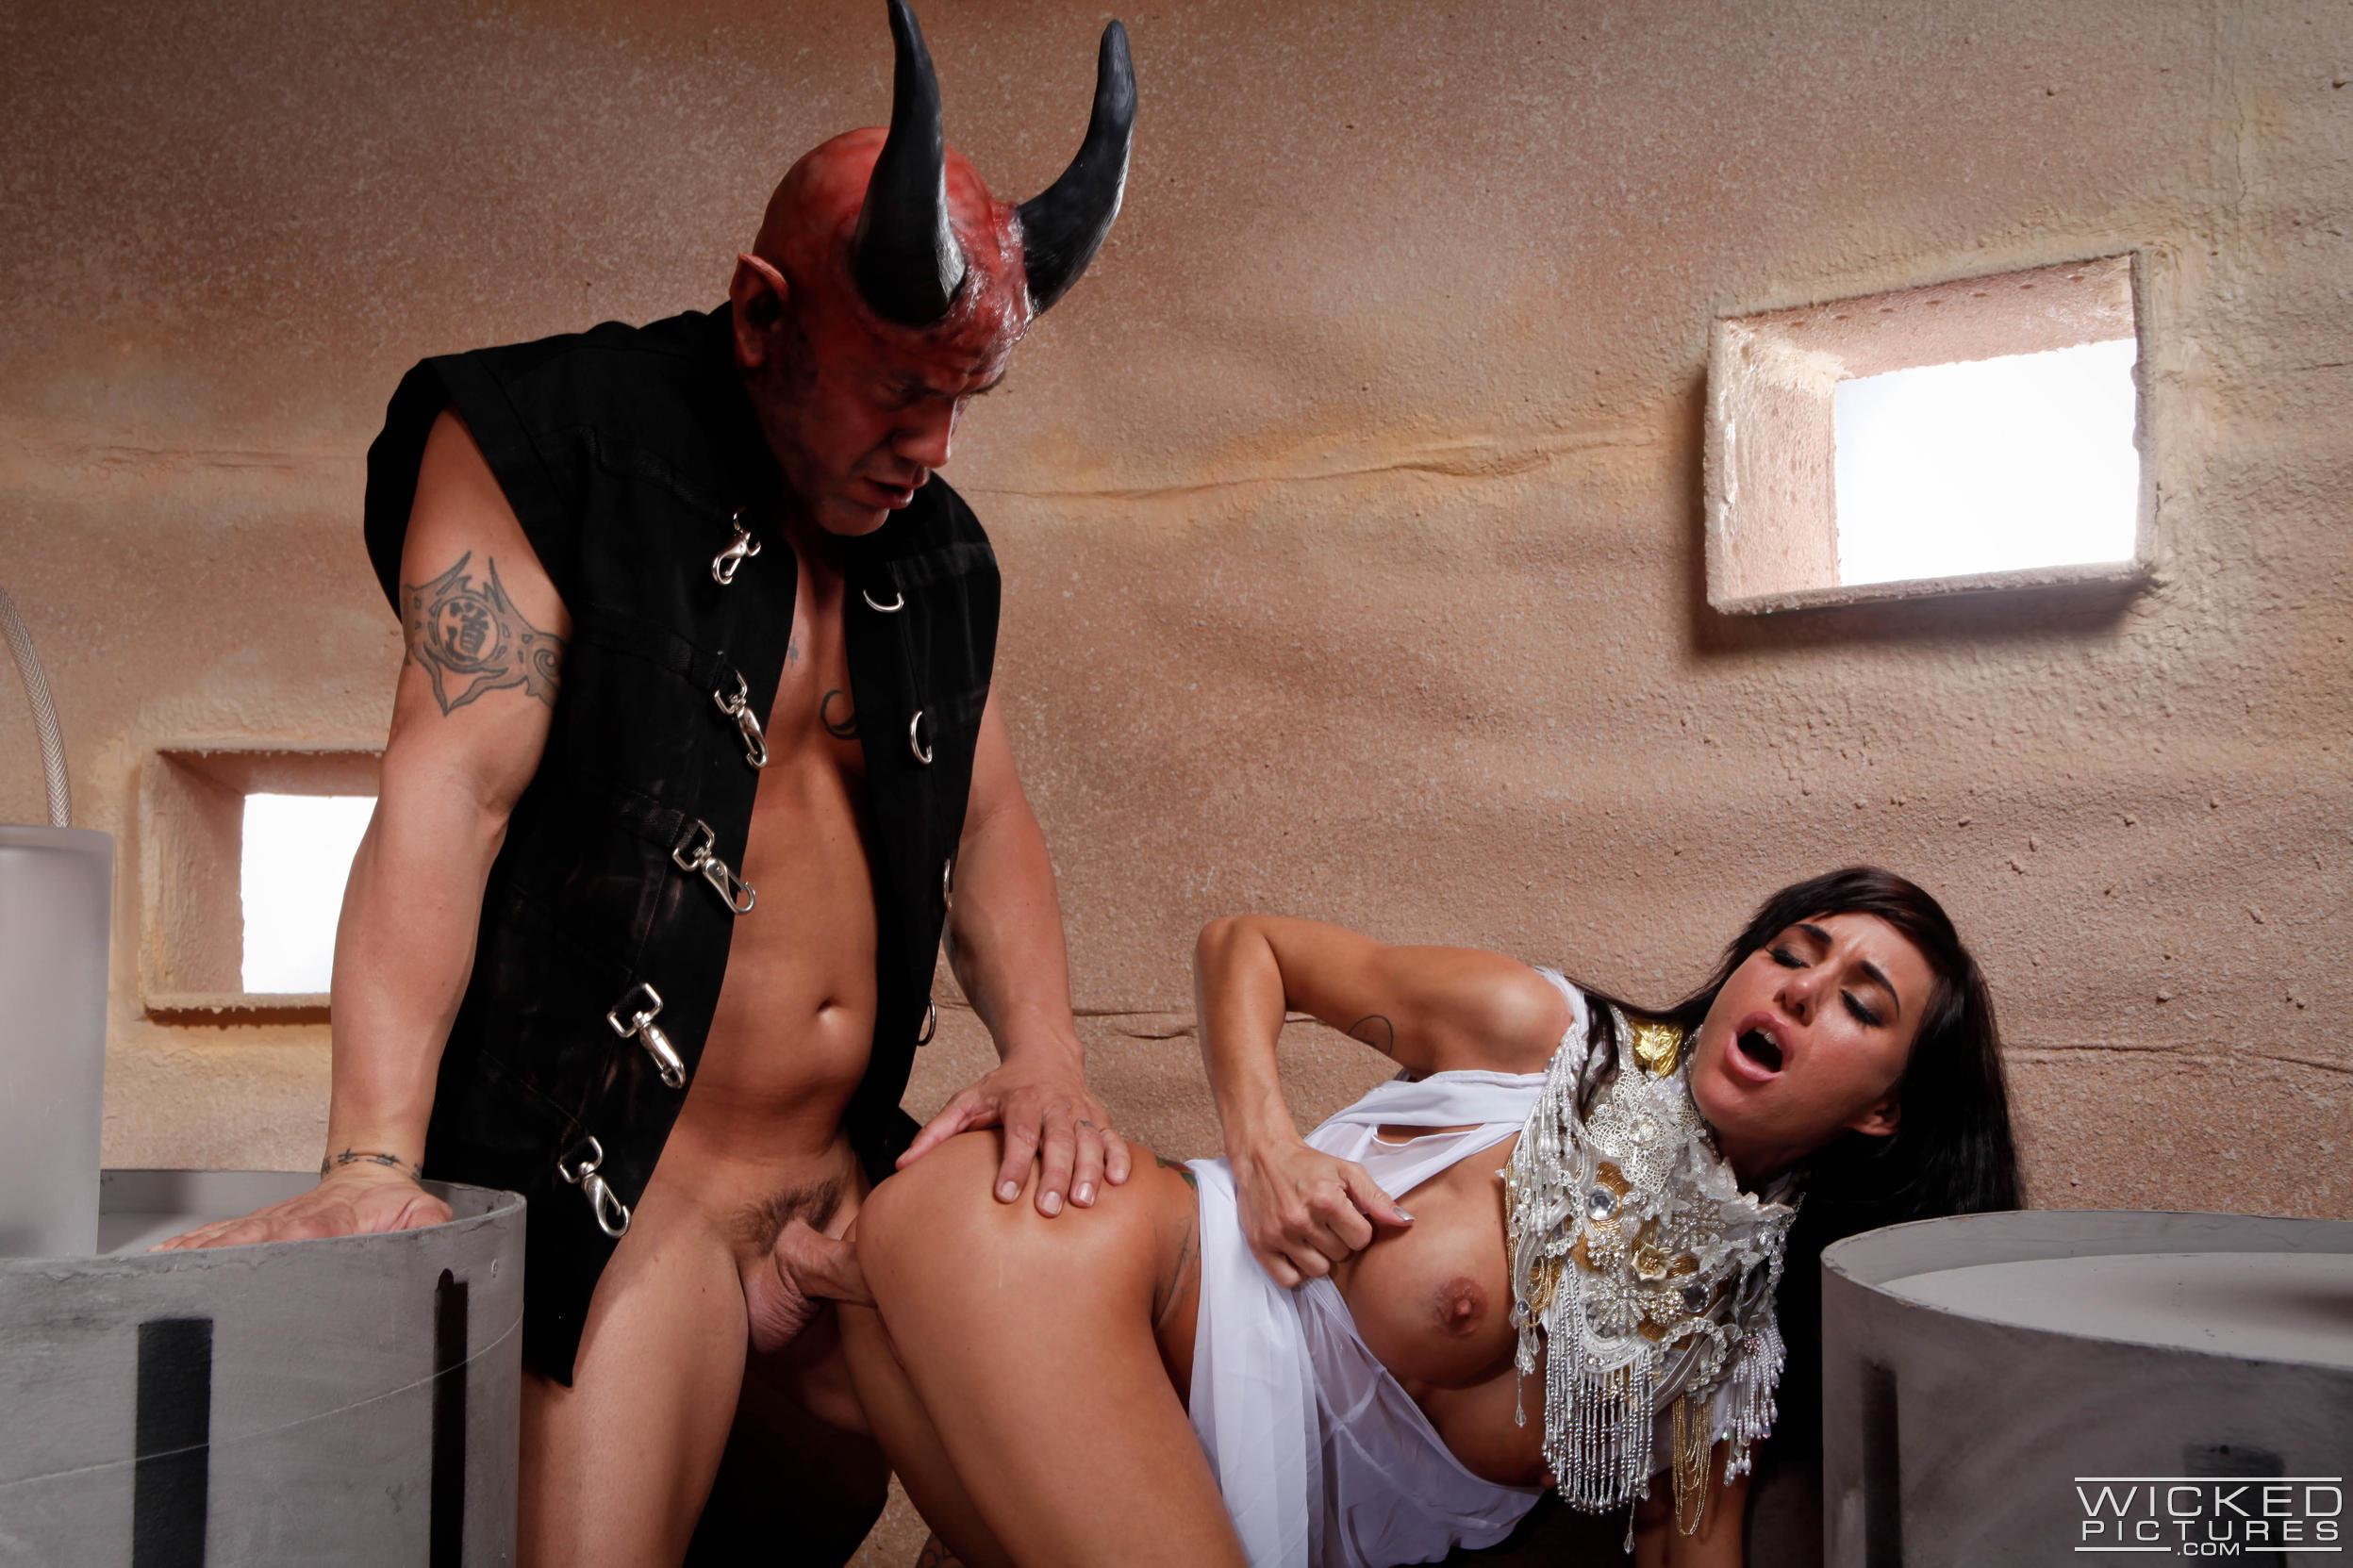 Любительская пьяная порно пародии на фильмы онлайн смотреть с переводом проститутки уфа